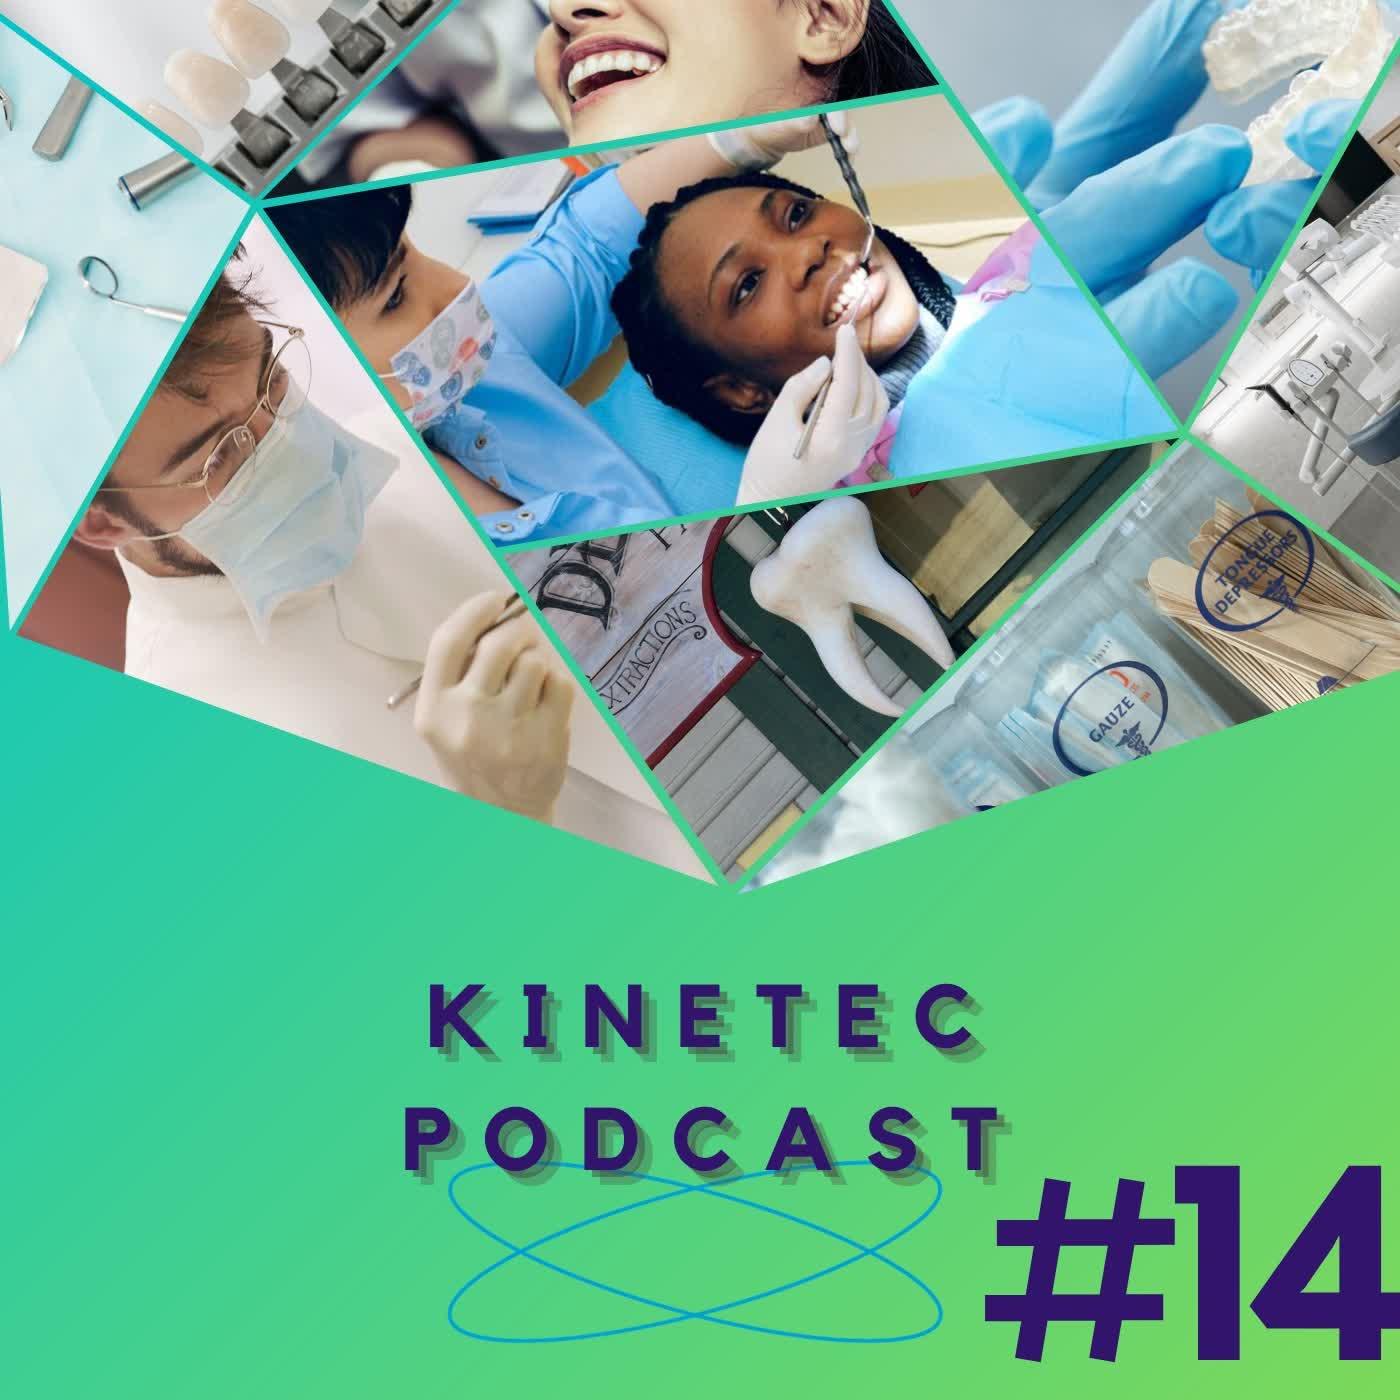 # 14 Os obstáculos na jornada de um paciente em uma clínica de odontologia